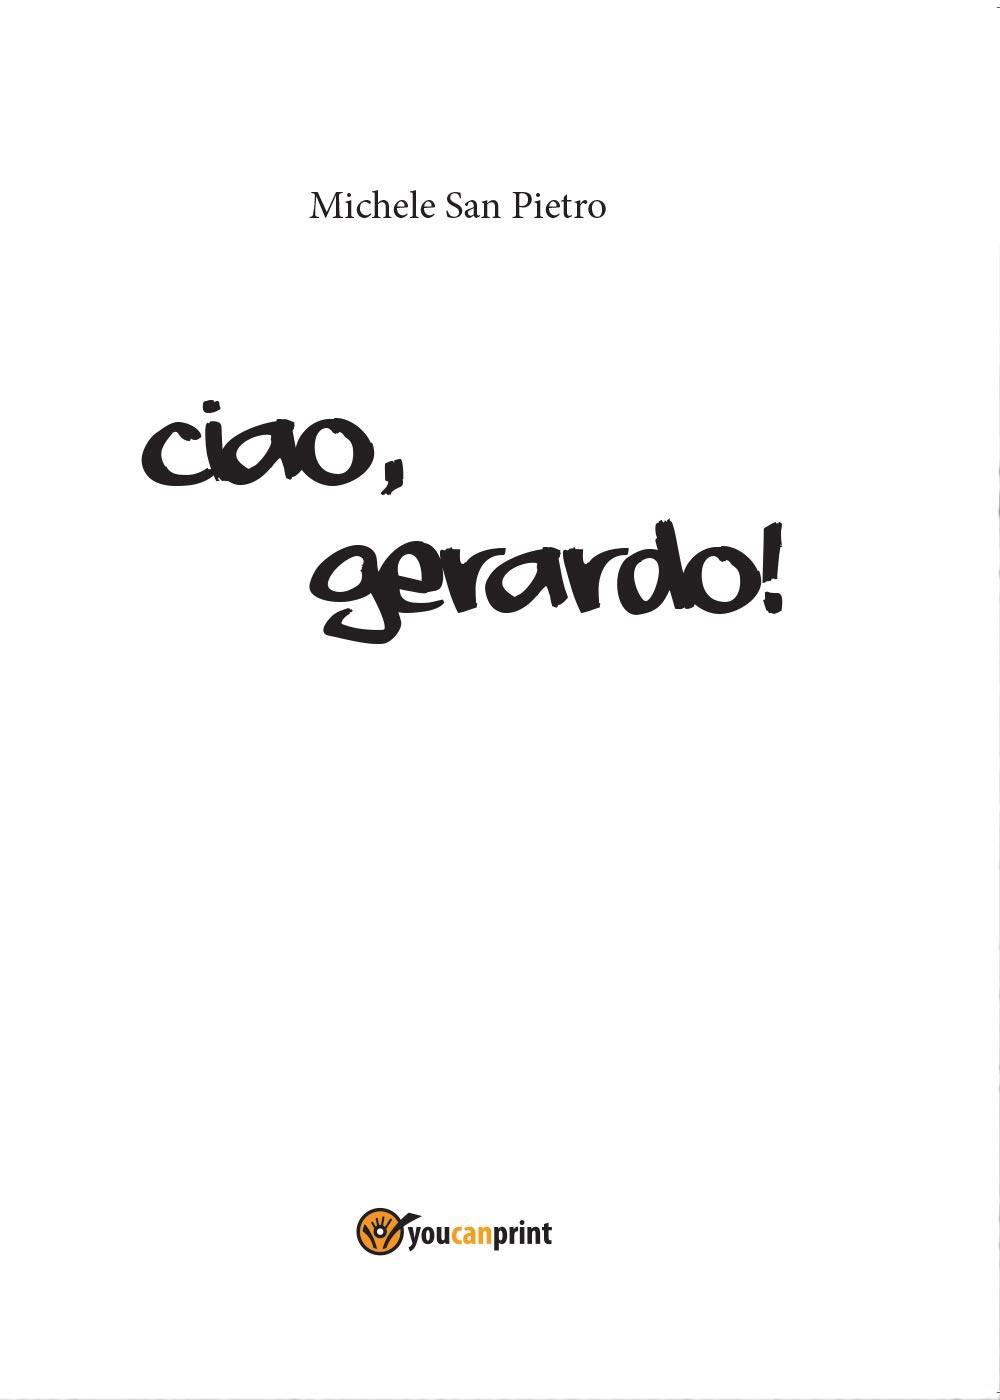 Ciao, Gerardo!